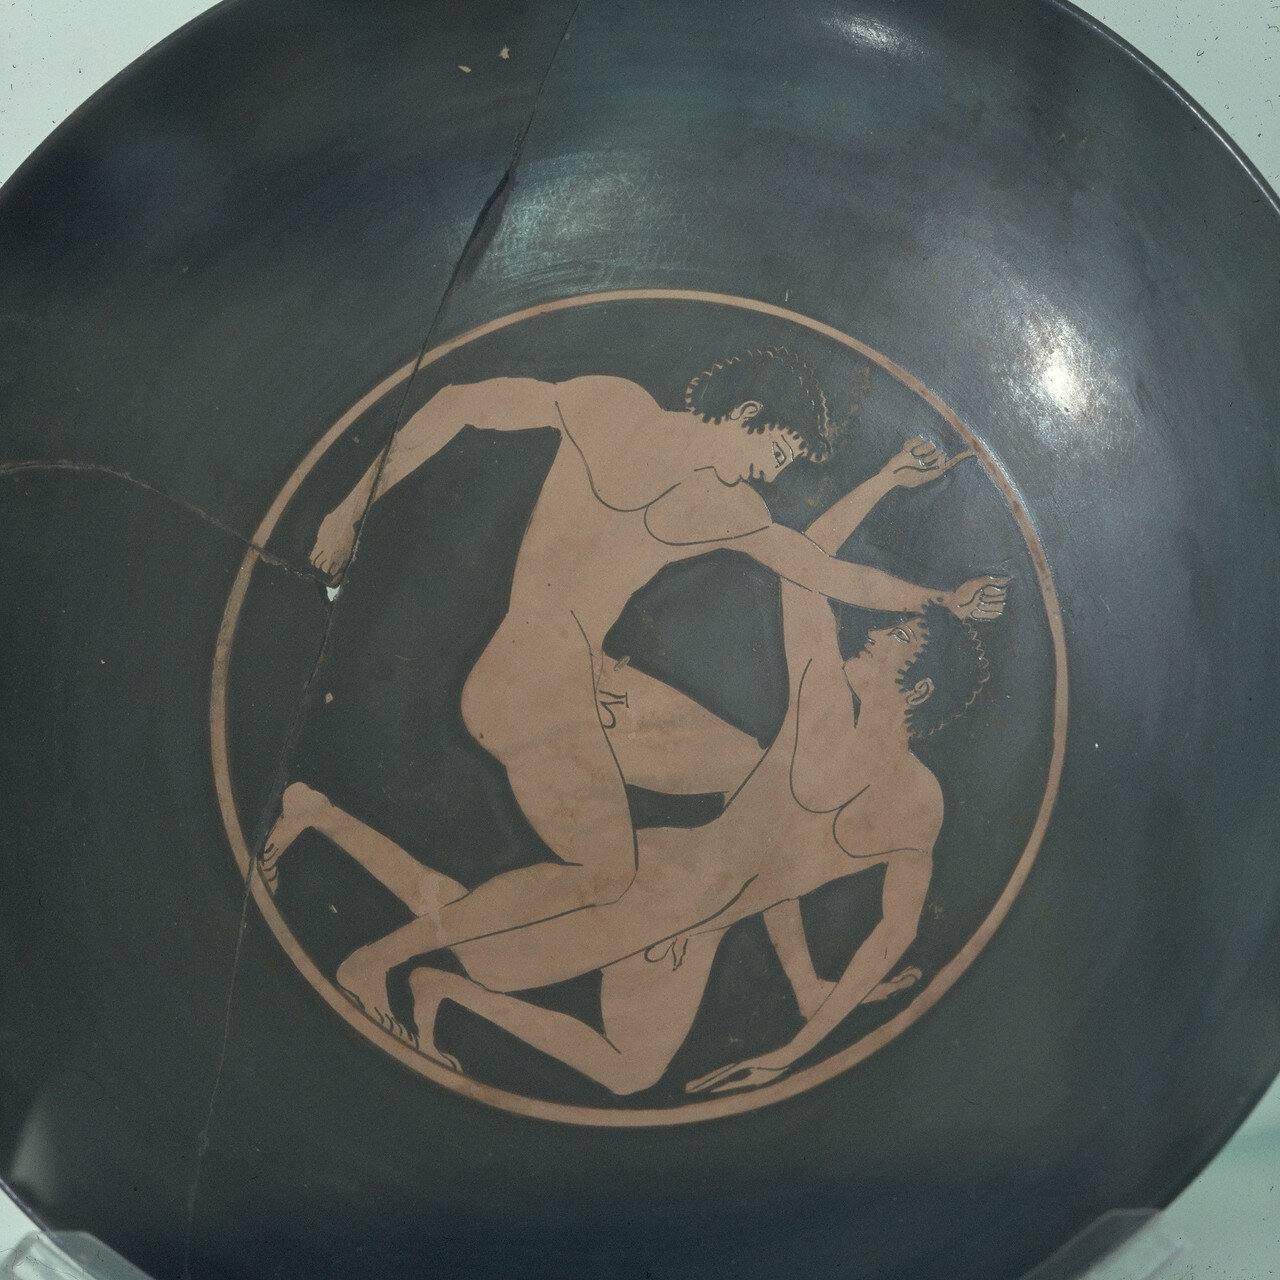 Афины. Археологический музей Афинской агоры.  Эпиктет. Кулачные бойцы, около 500 г. до н.э.